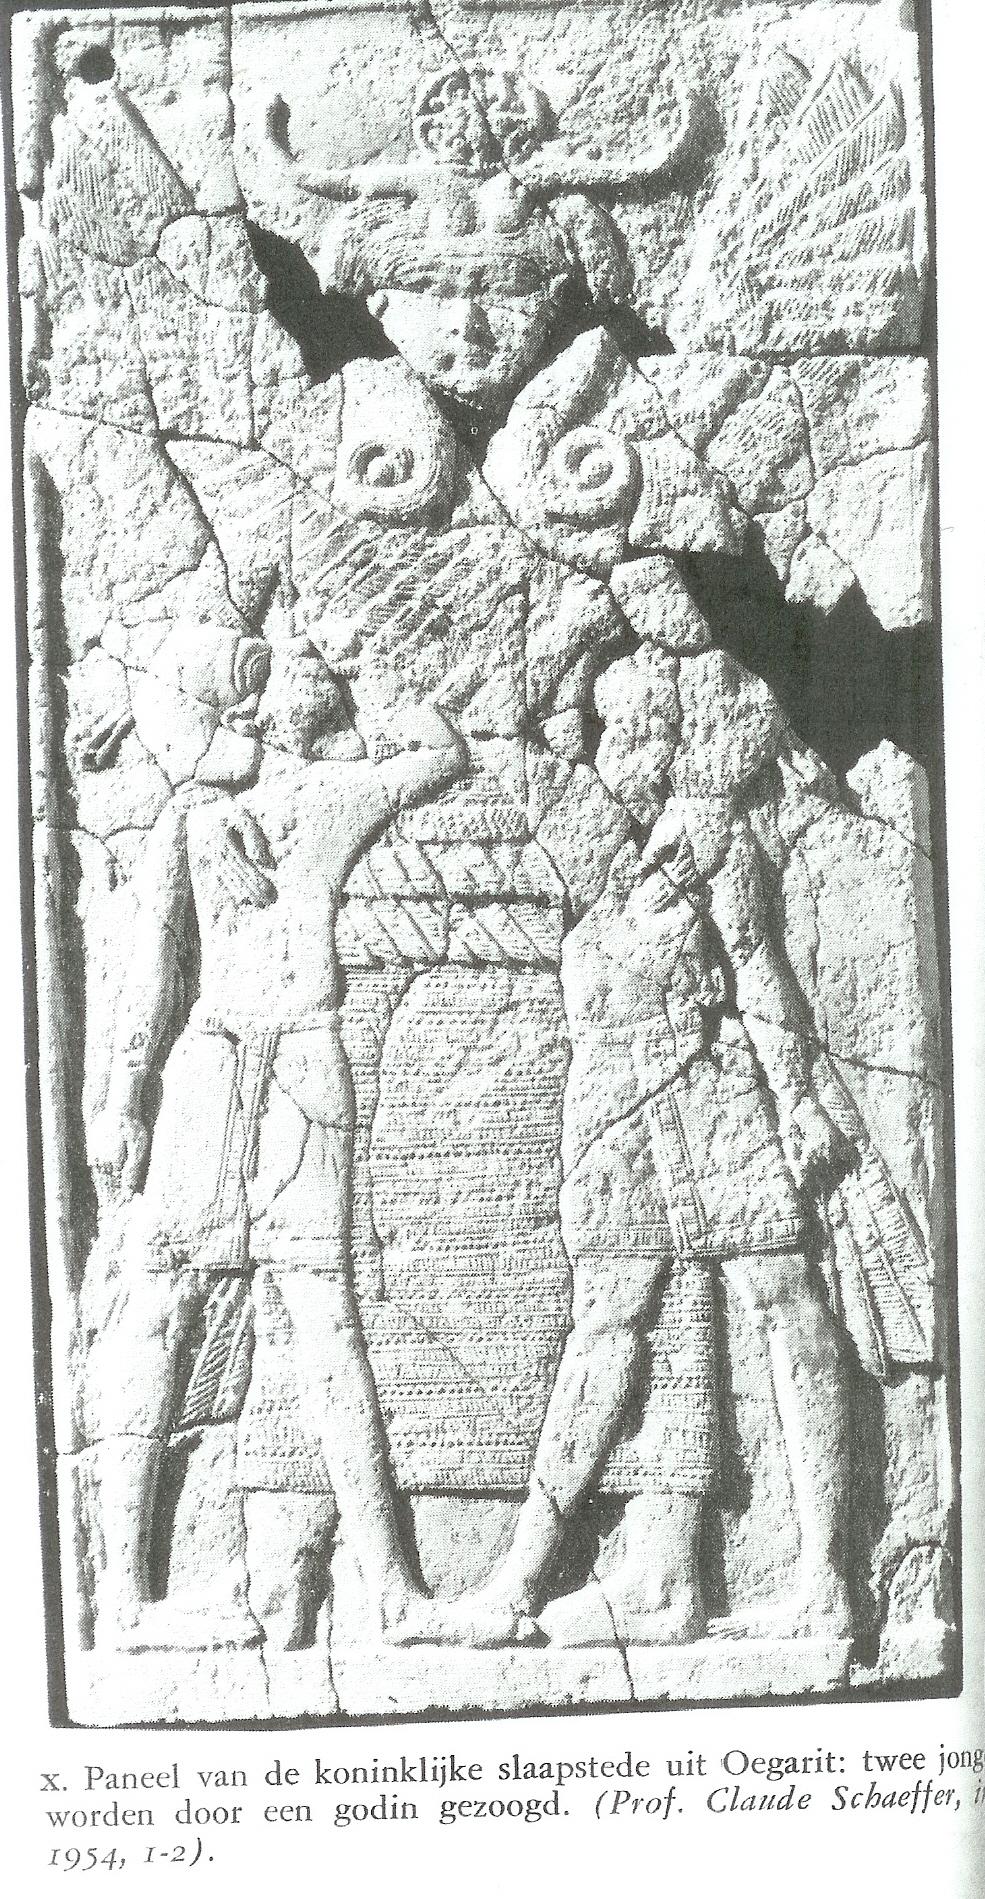 Moedergodin met Hathor- of omega-kapsel. Zij zoogt twee godenzonen. Ivoren paneel ter versiering van een belangrijk bed uit Oegarit. 14e eeuw, van Venus tot Madonna, 281.